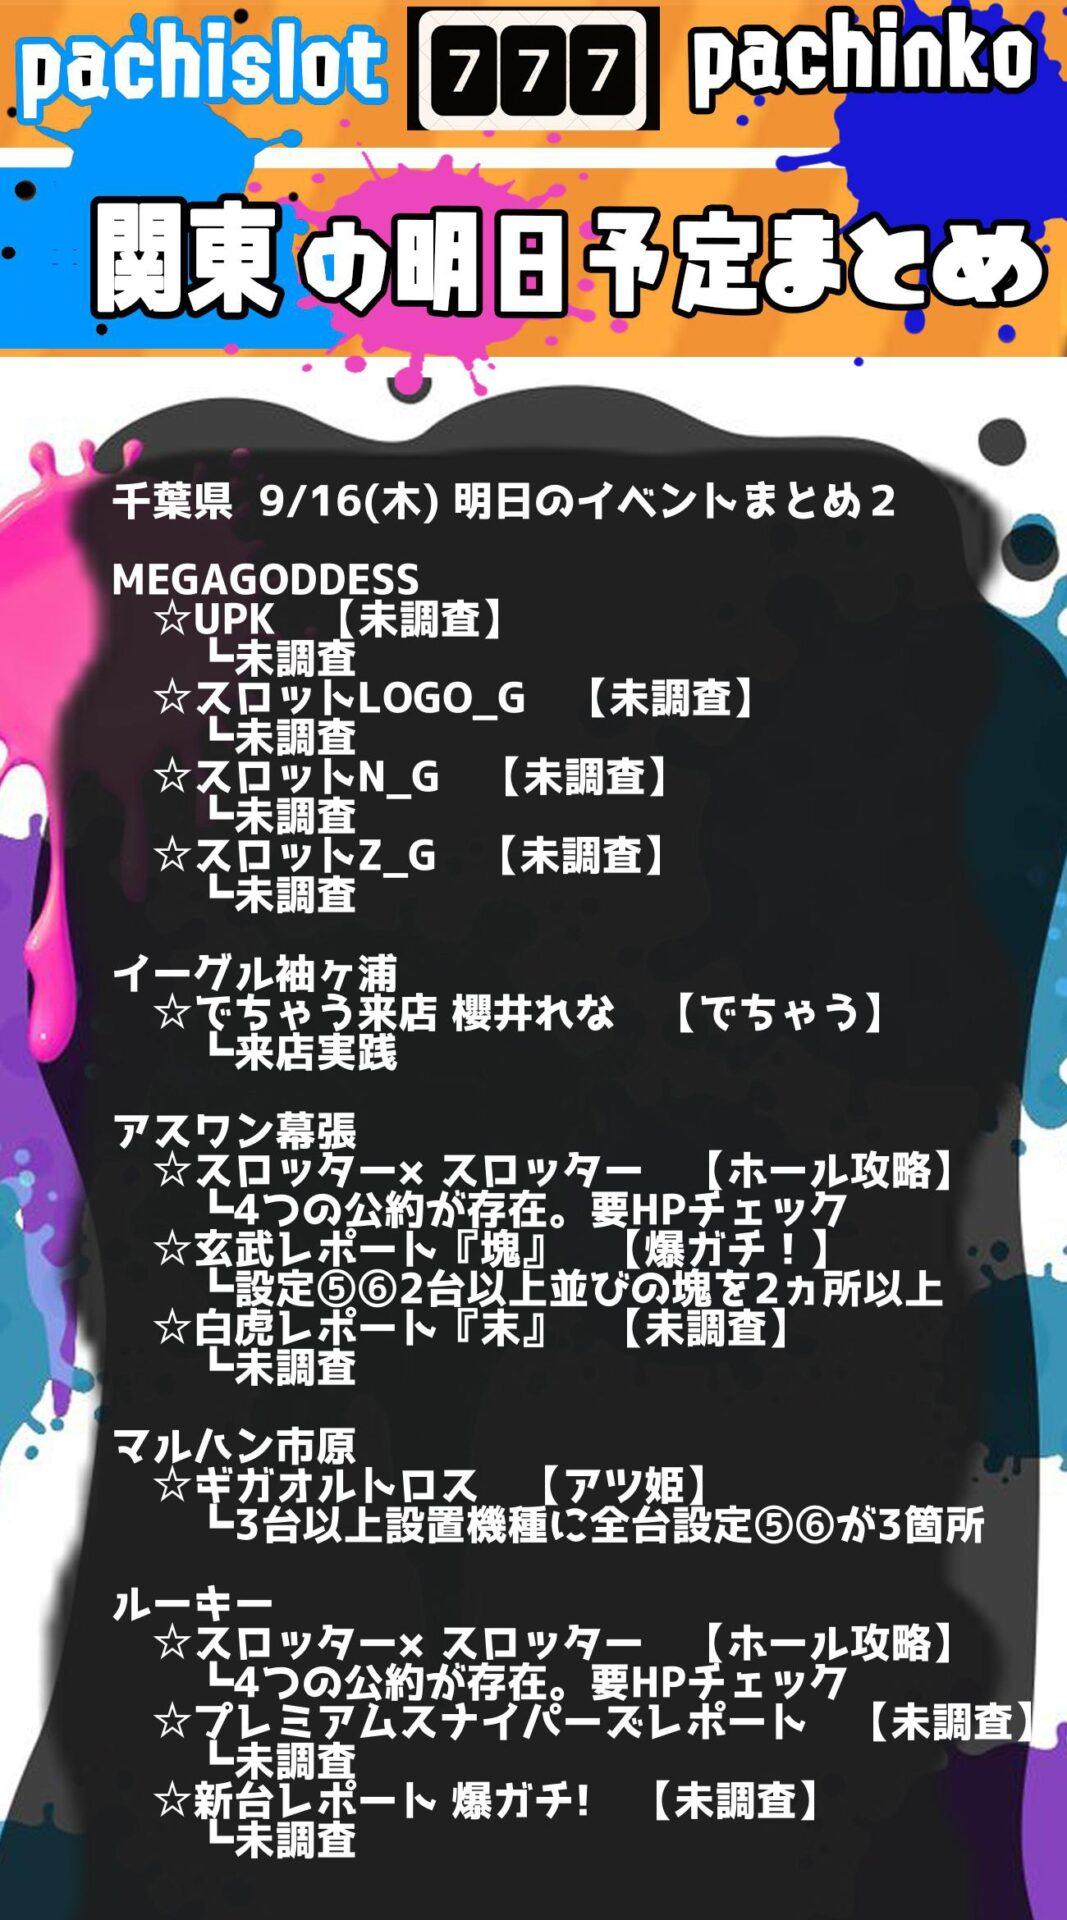 千葉県_2021-09-16_パチンコ・パチスロ_イベント